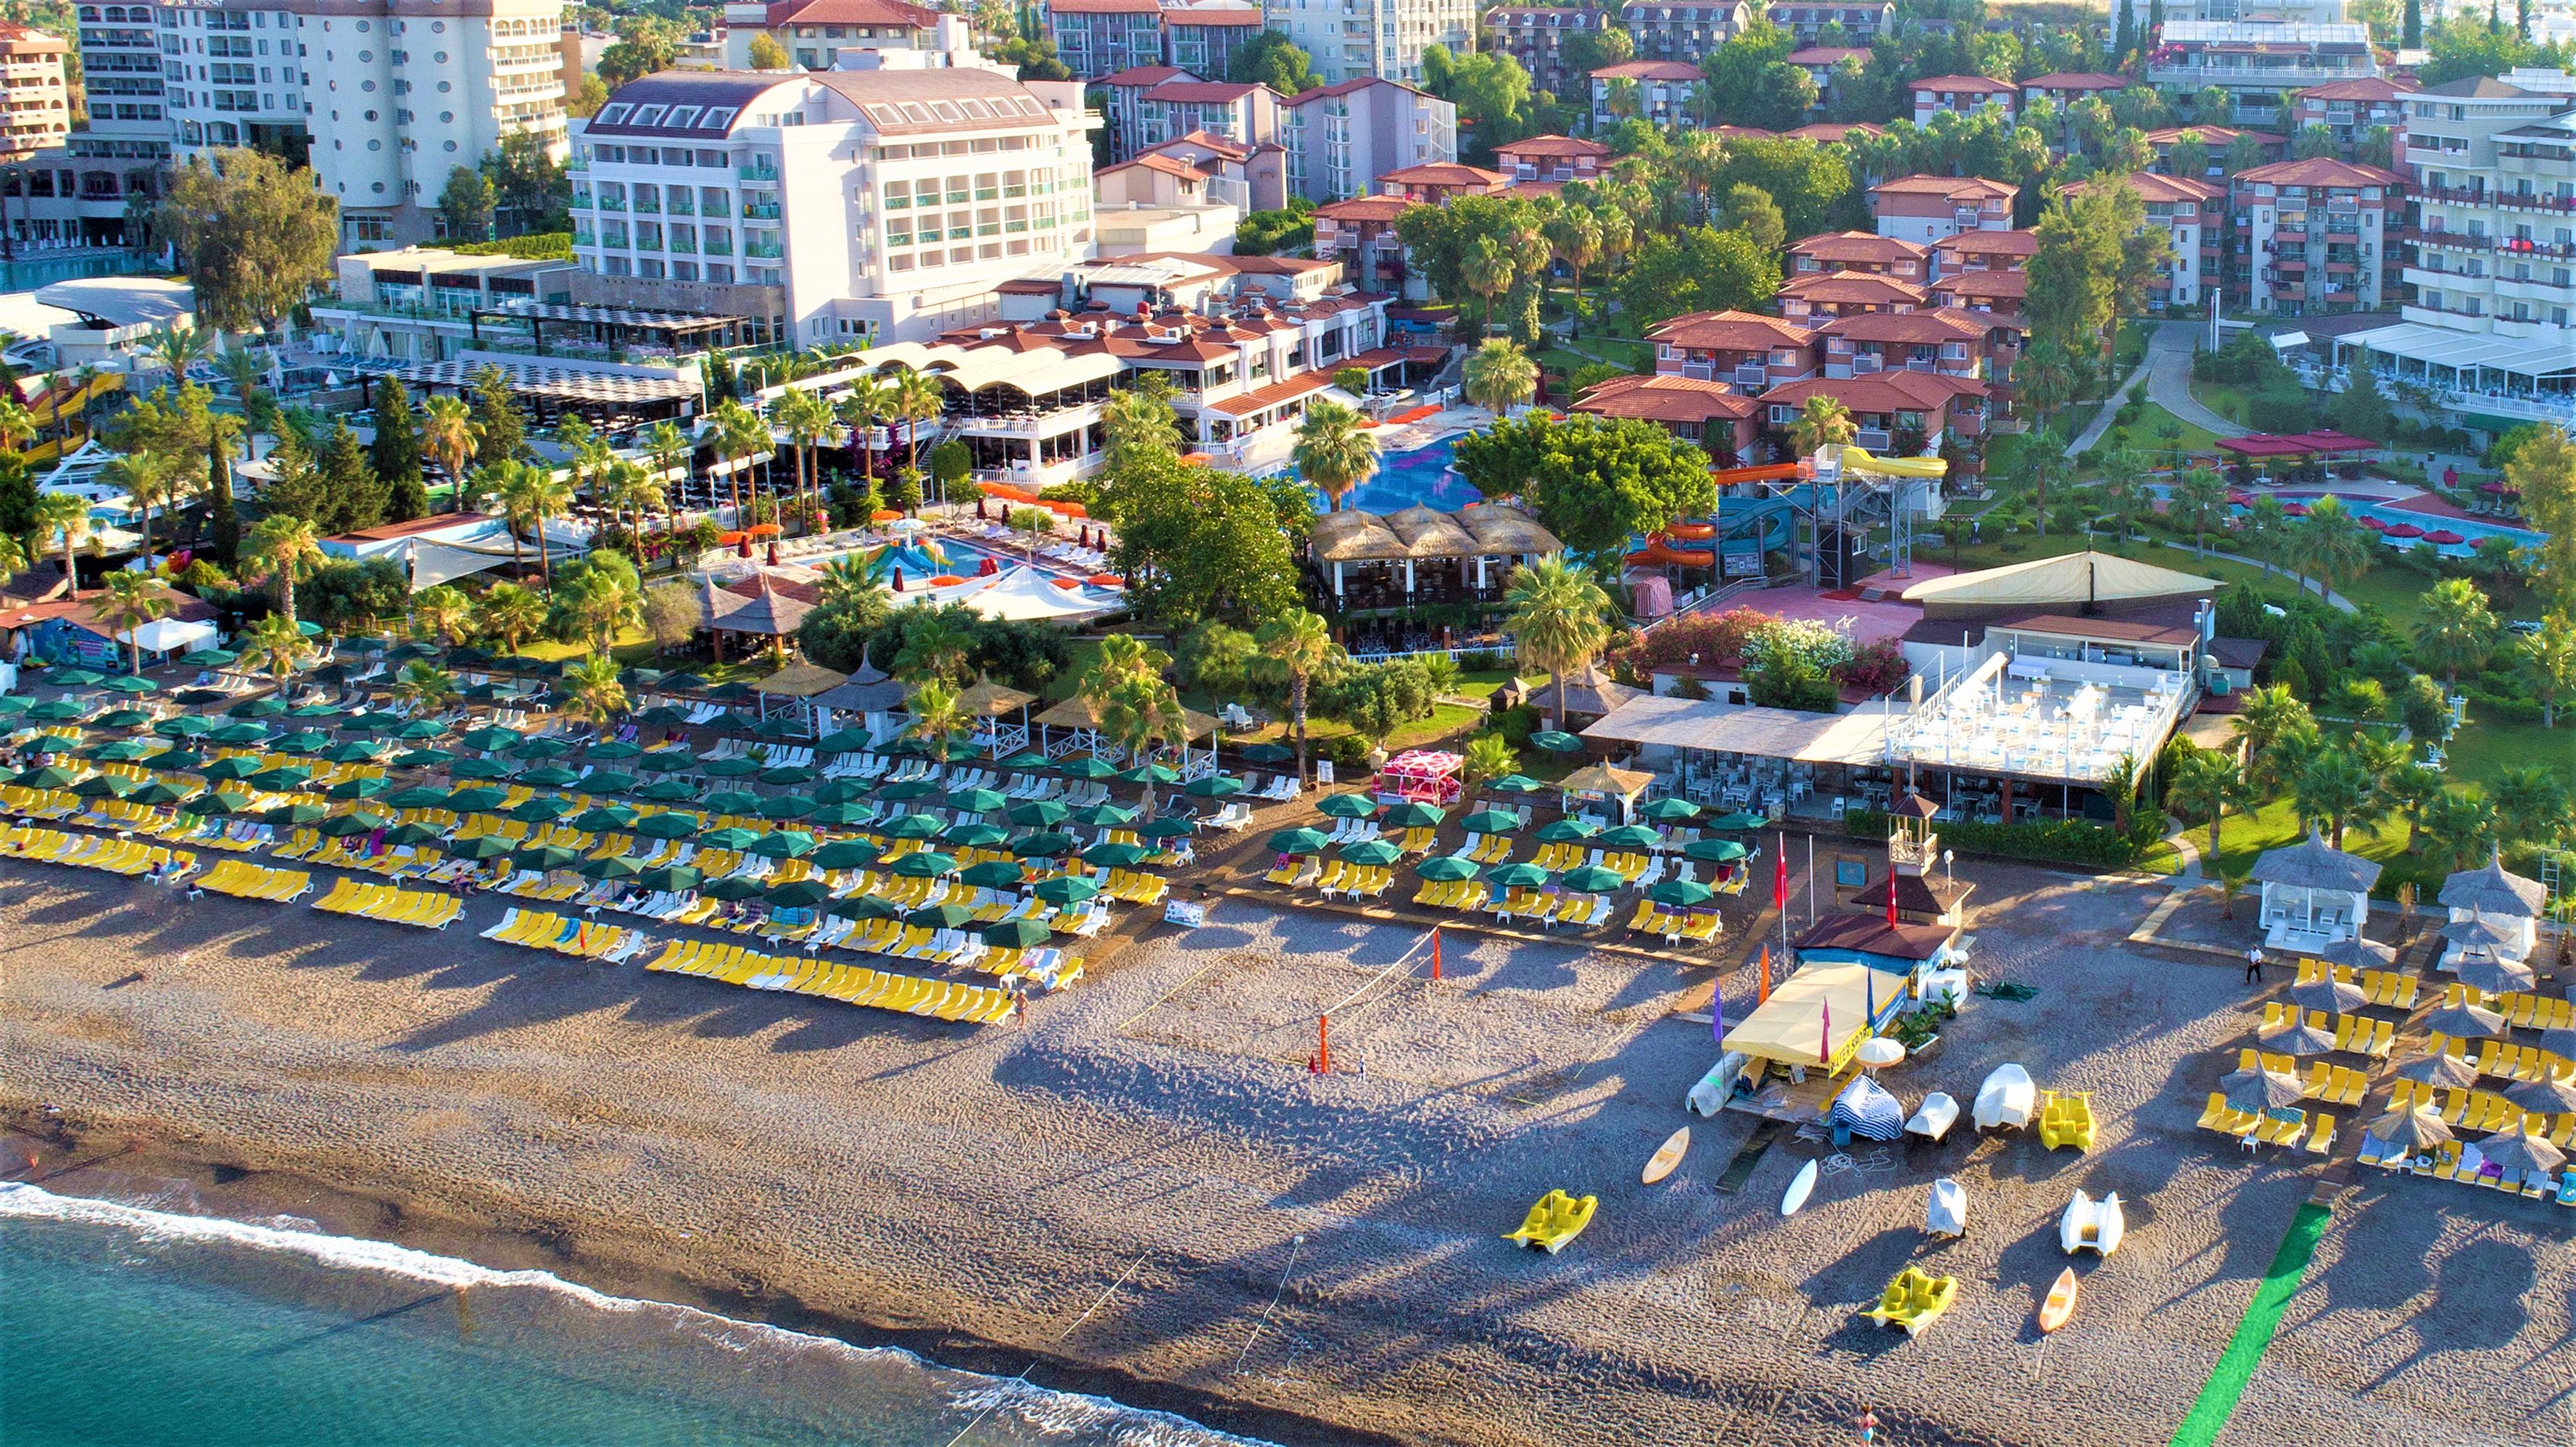 В Турцию из Саратова, в отель на берегу моря!